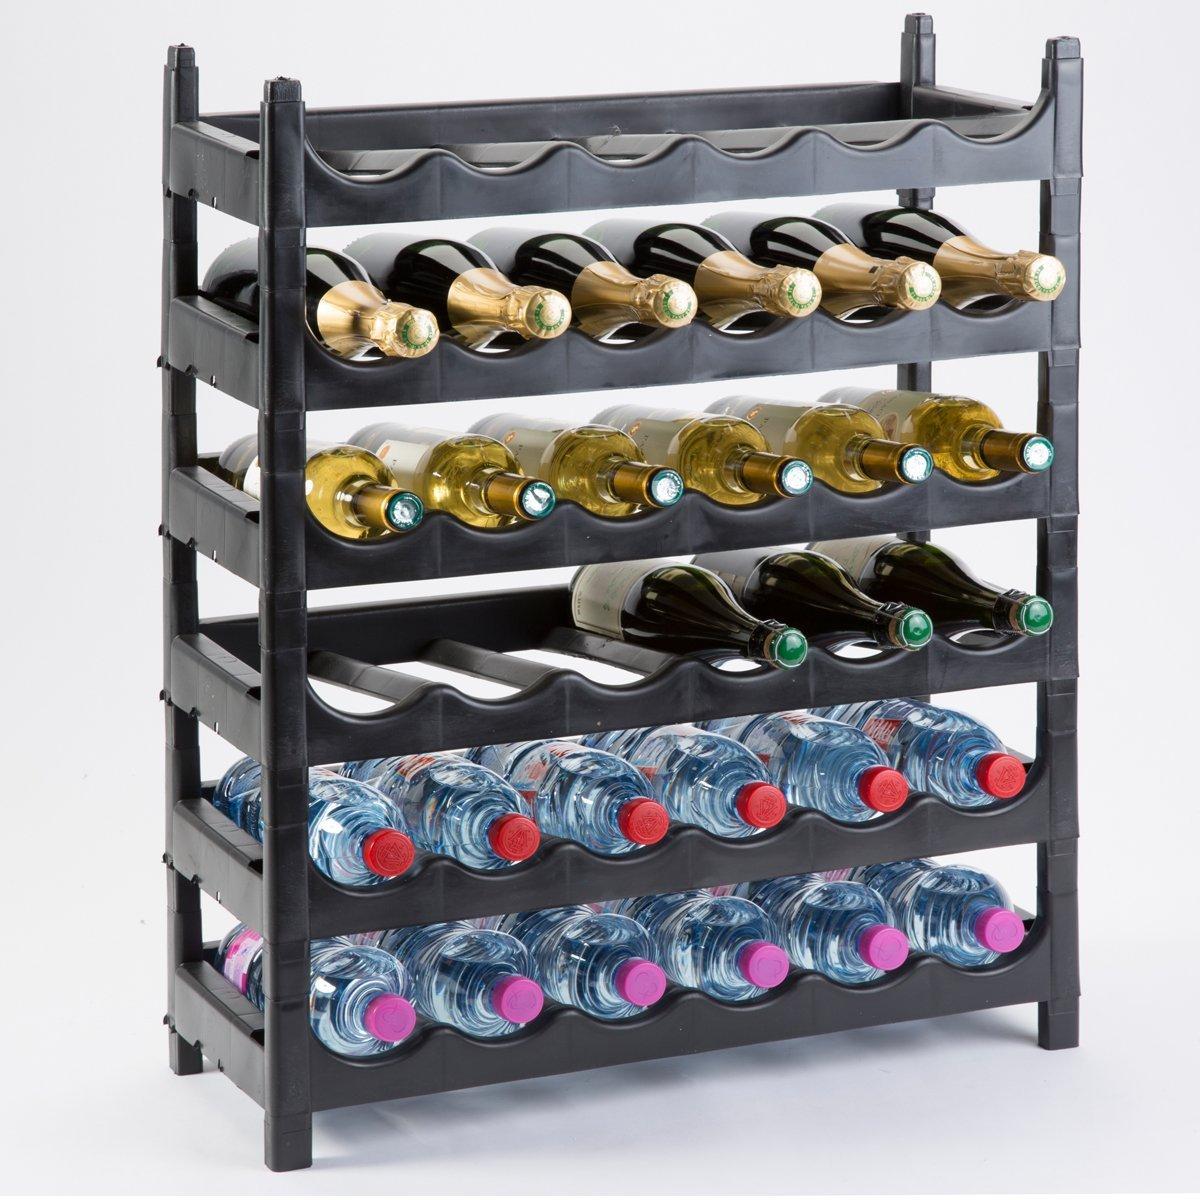 SoBazar - Etagère à bouteille/support bouteille modulable plastique 36 bouteilles